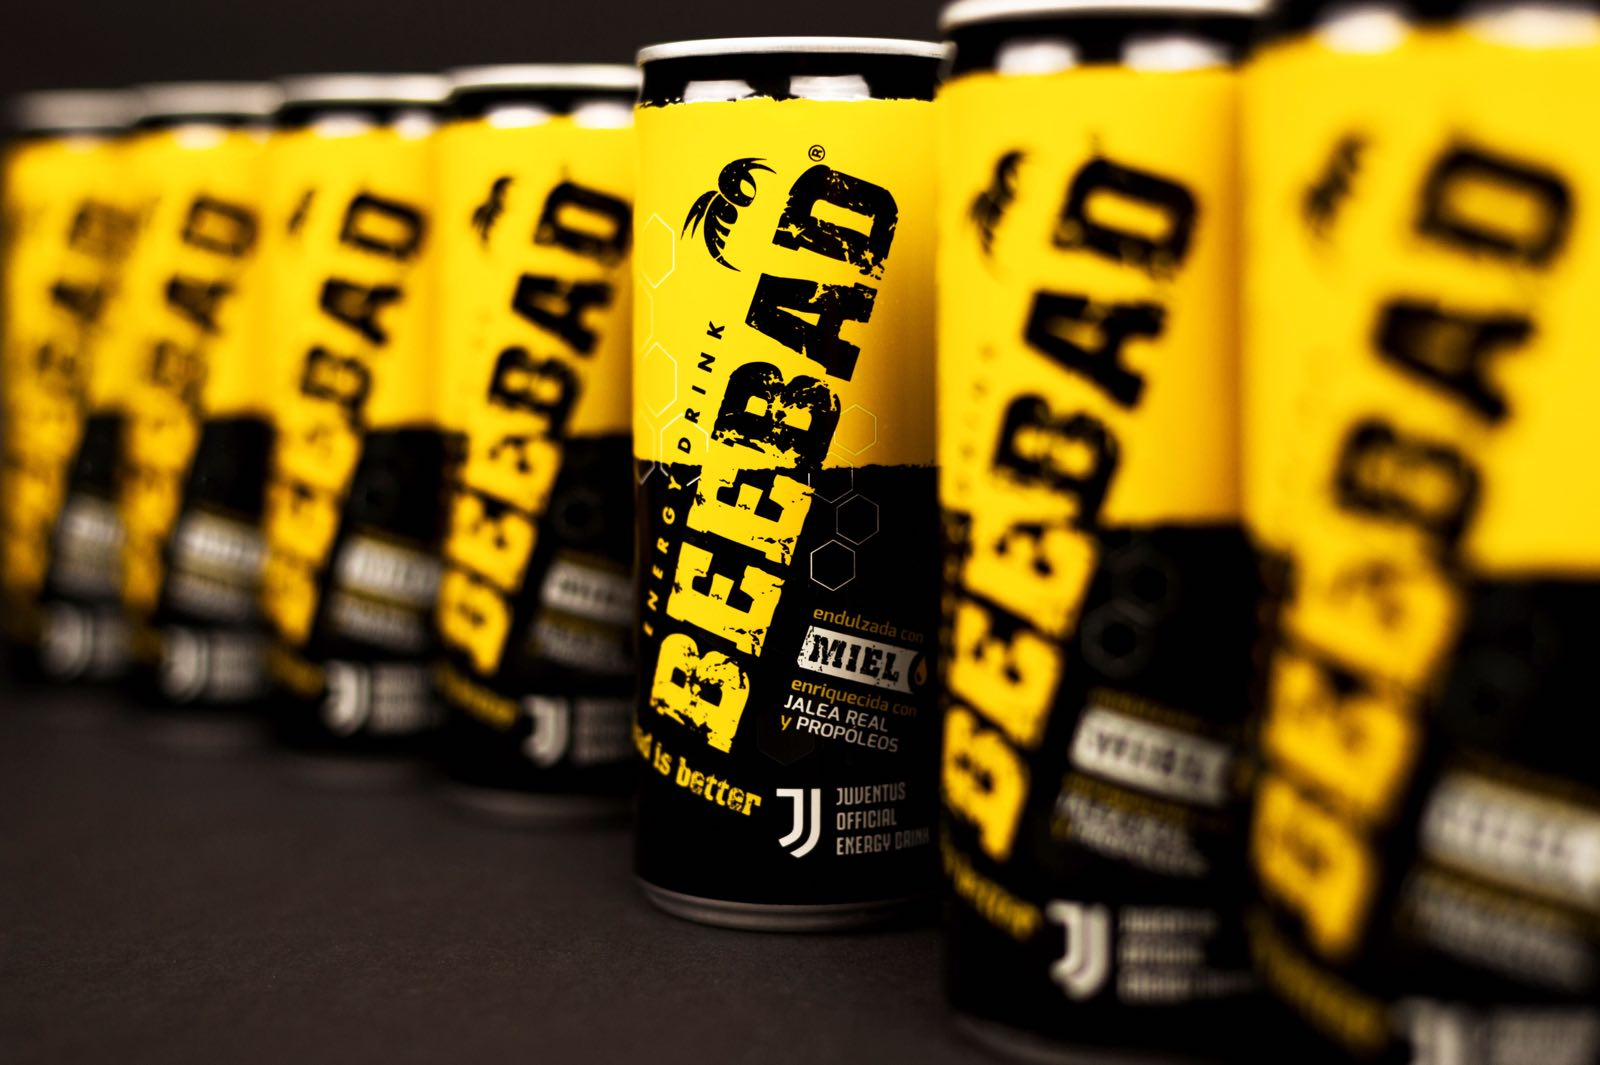 Beebad1